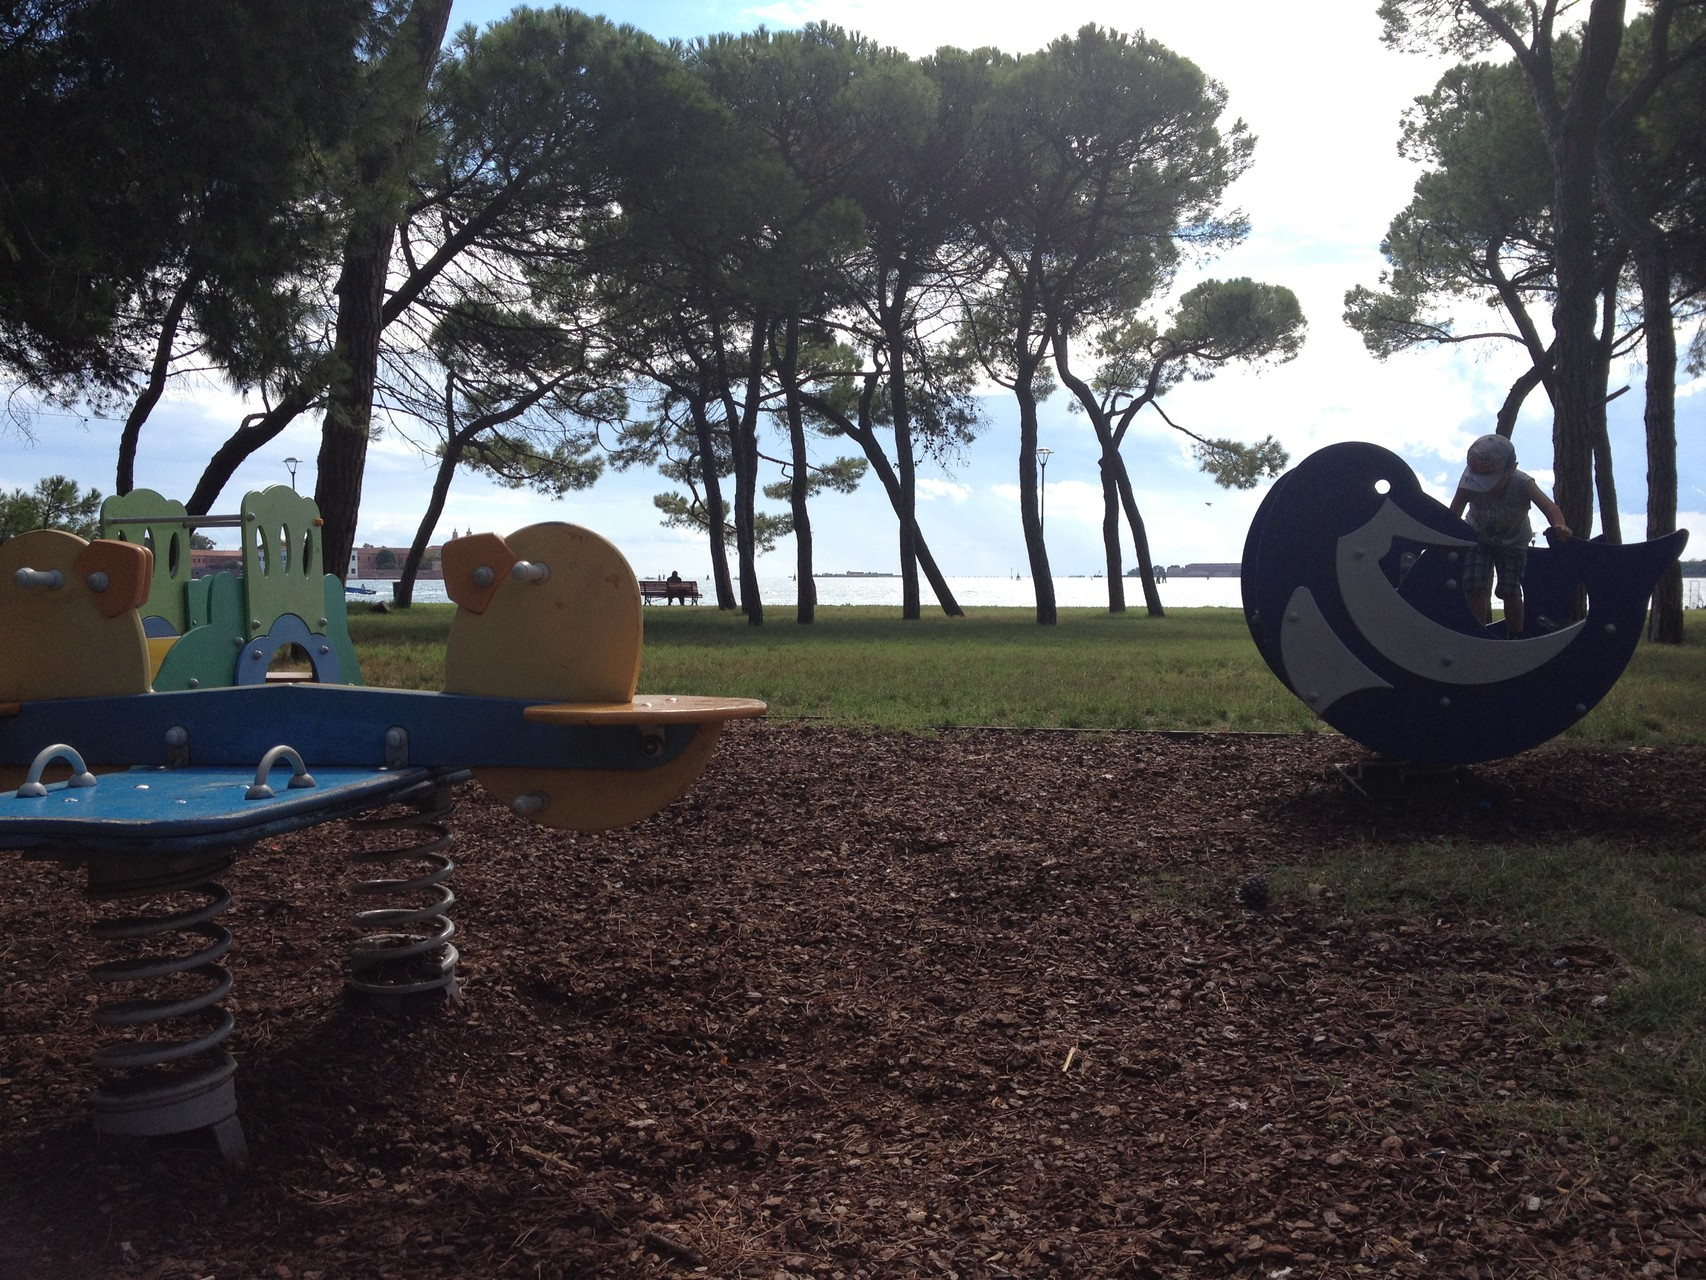 Parco giochi - 2 minuti a piedi